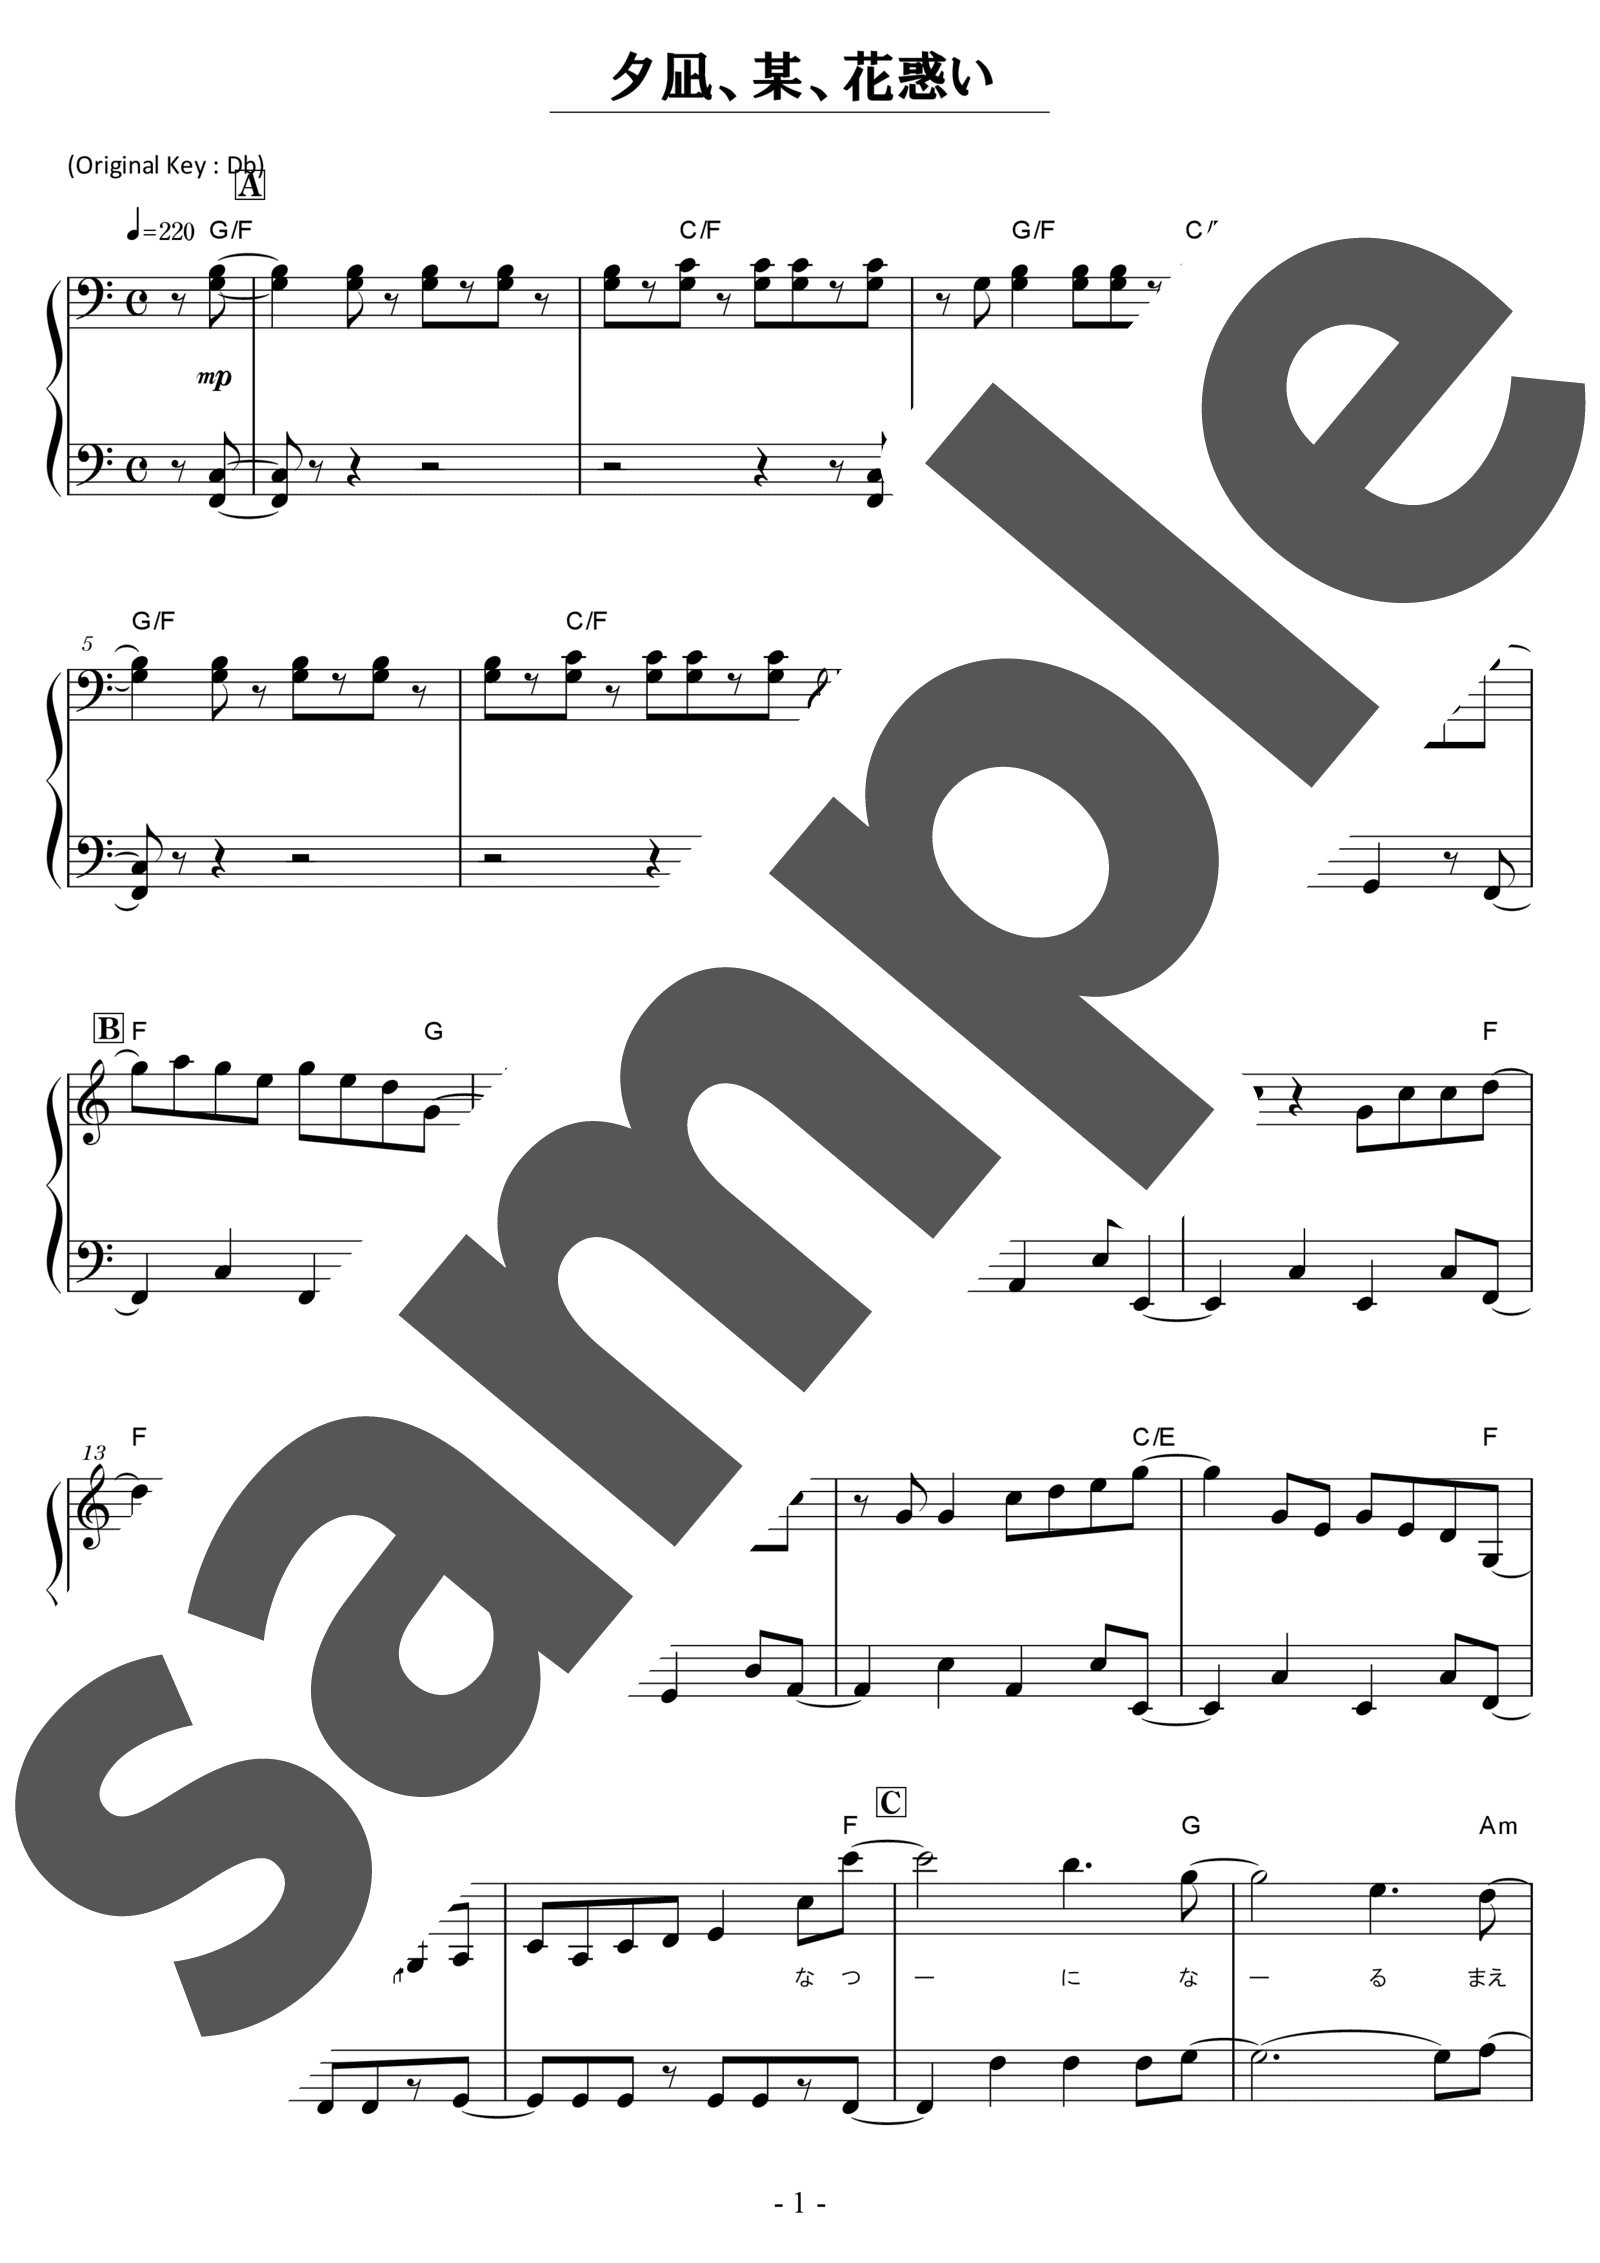 「夕凪、某、花惑い」のサンプル楽譜